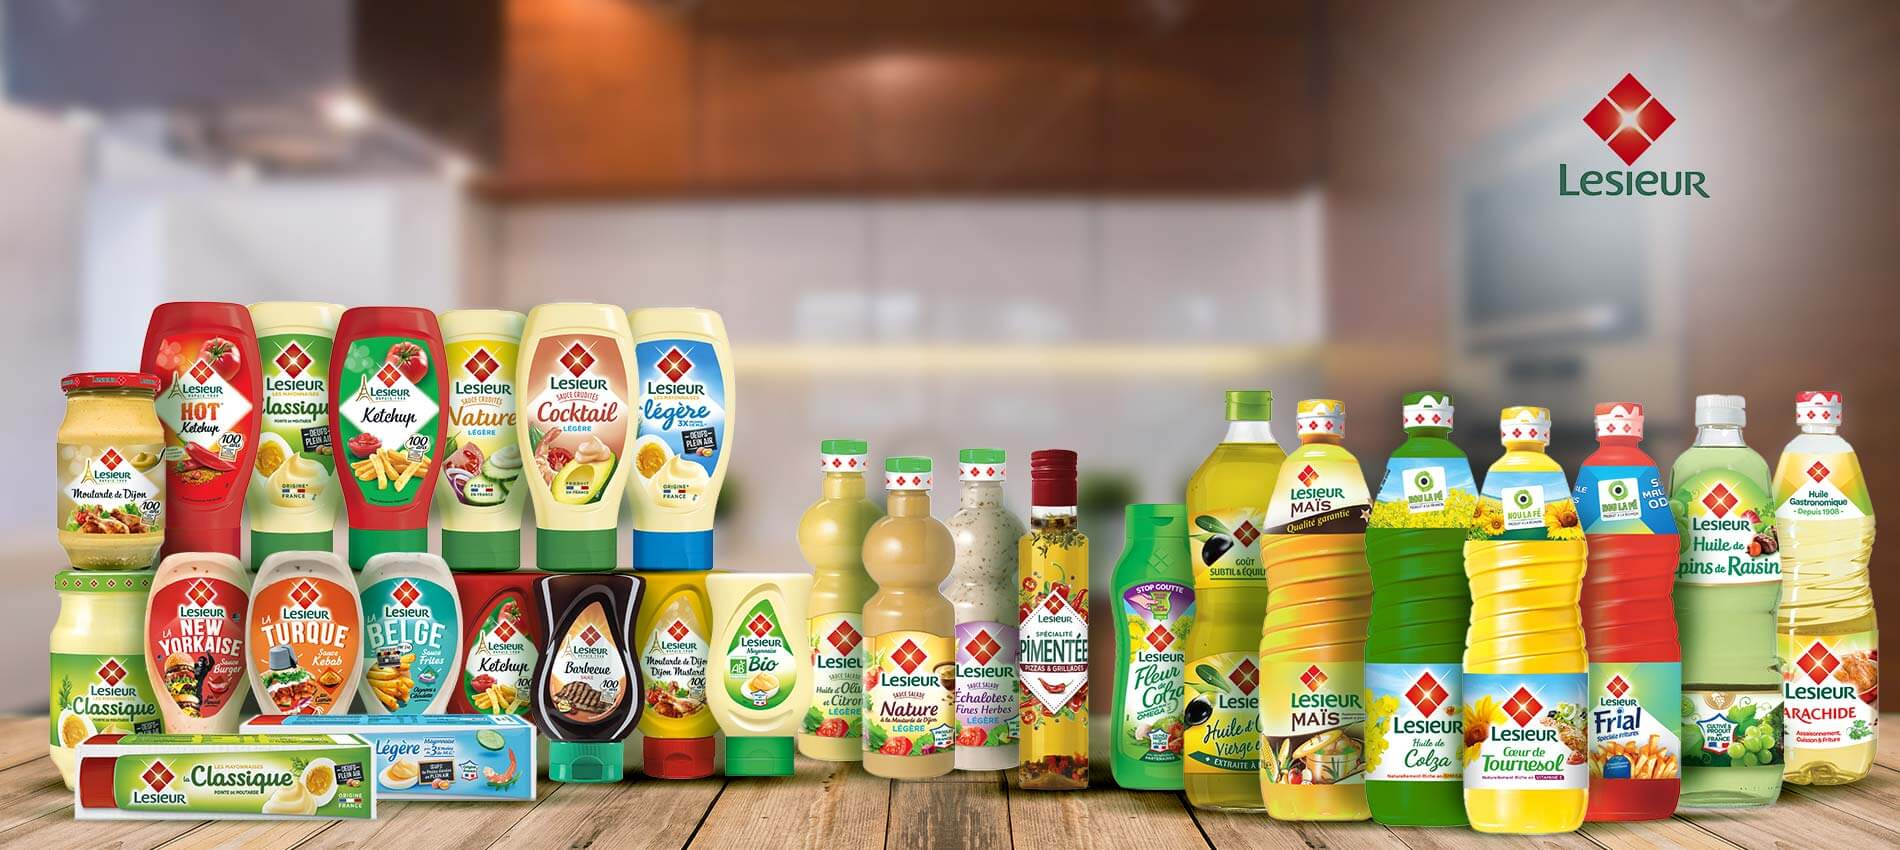 Gamme produits Lesieur Réunion